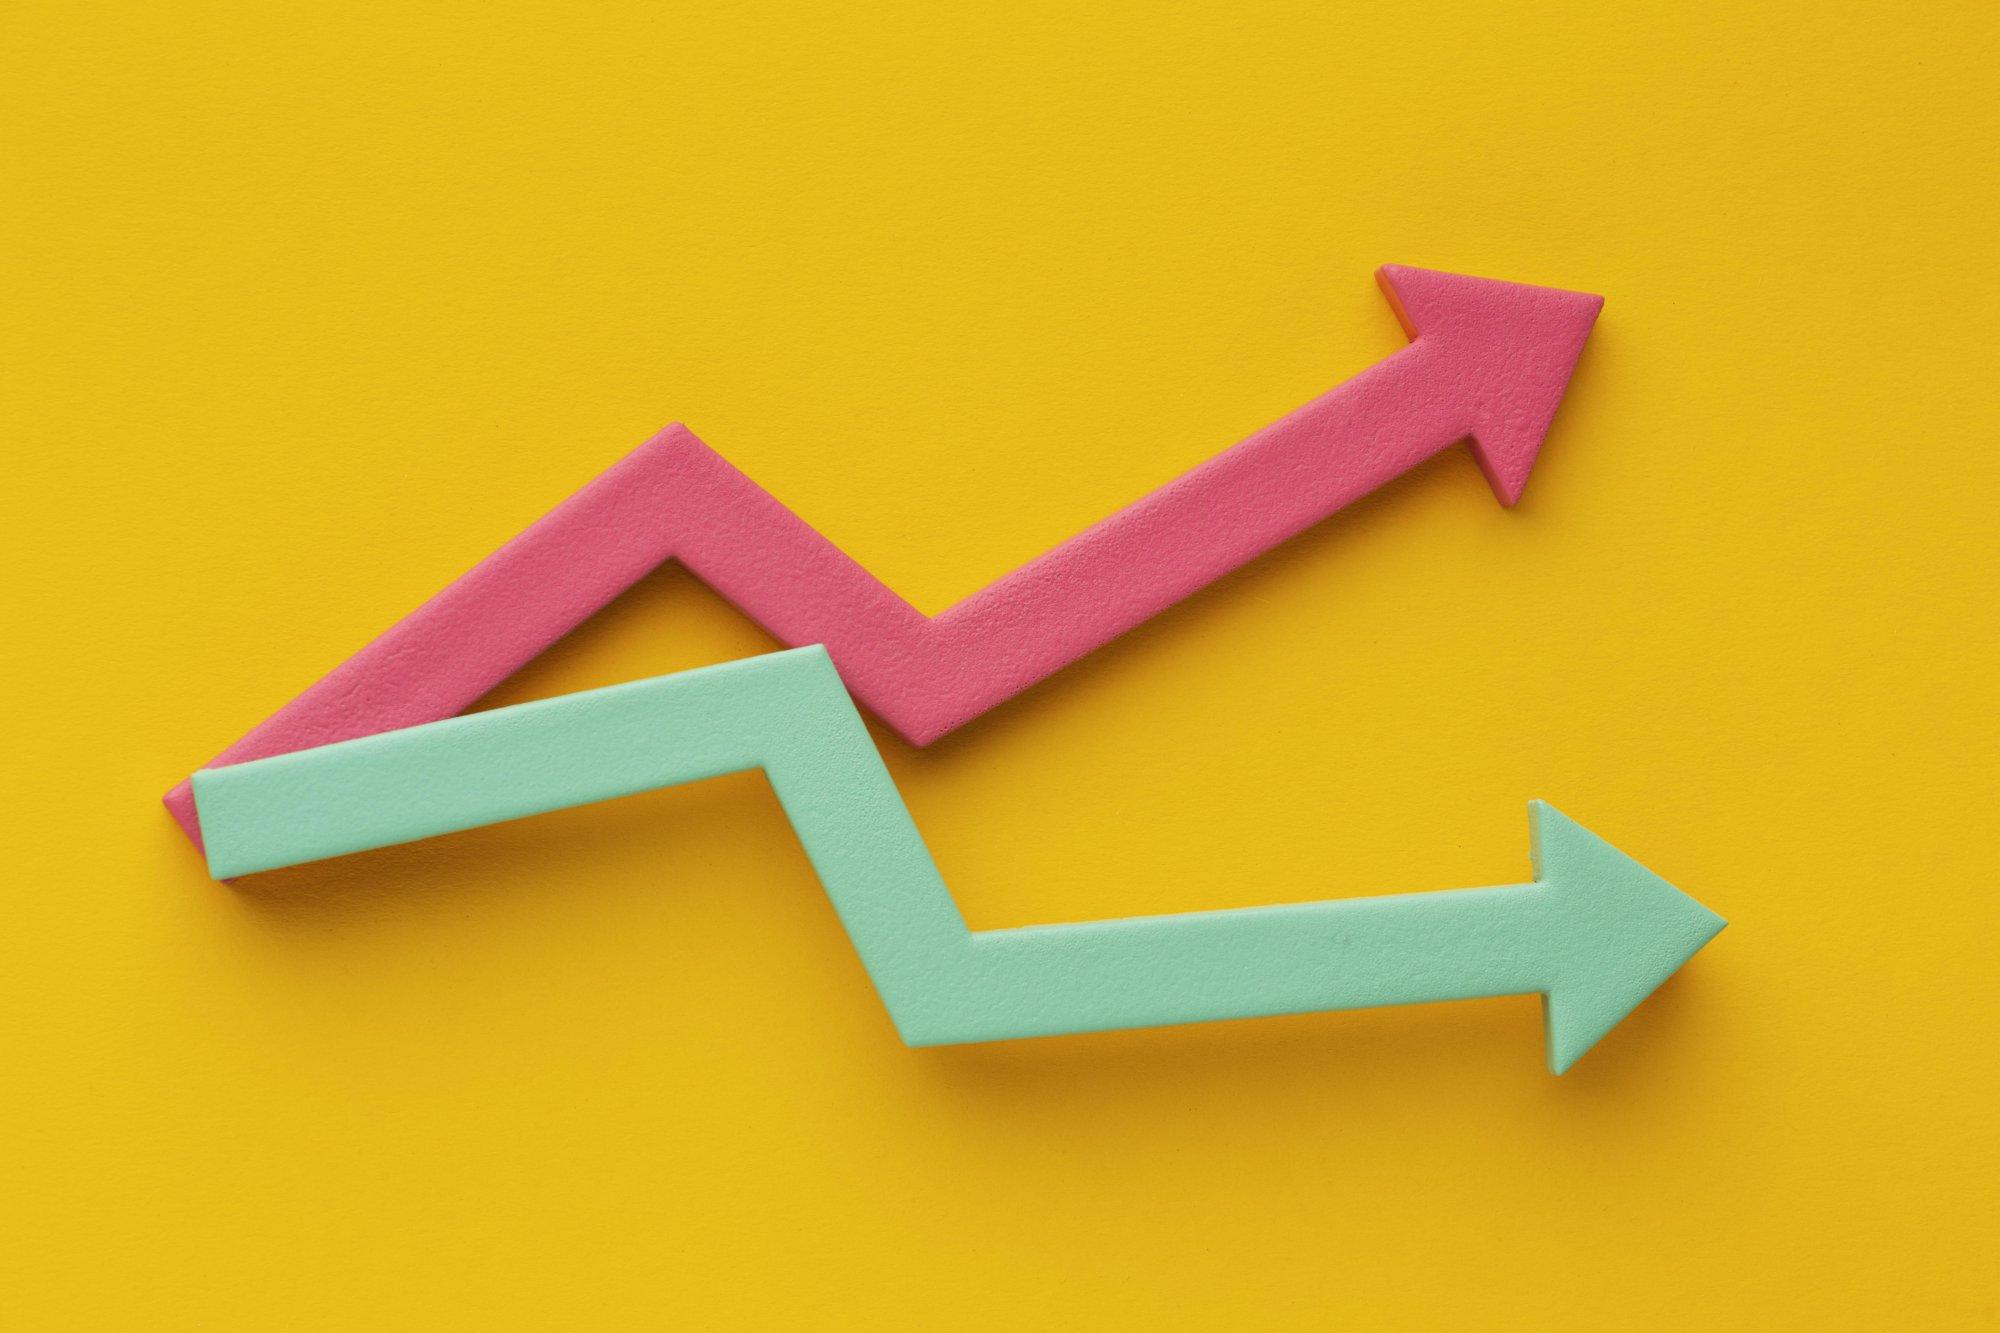 Conheça erros comuns ao gerar um relatório de pesquisa